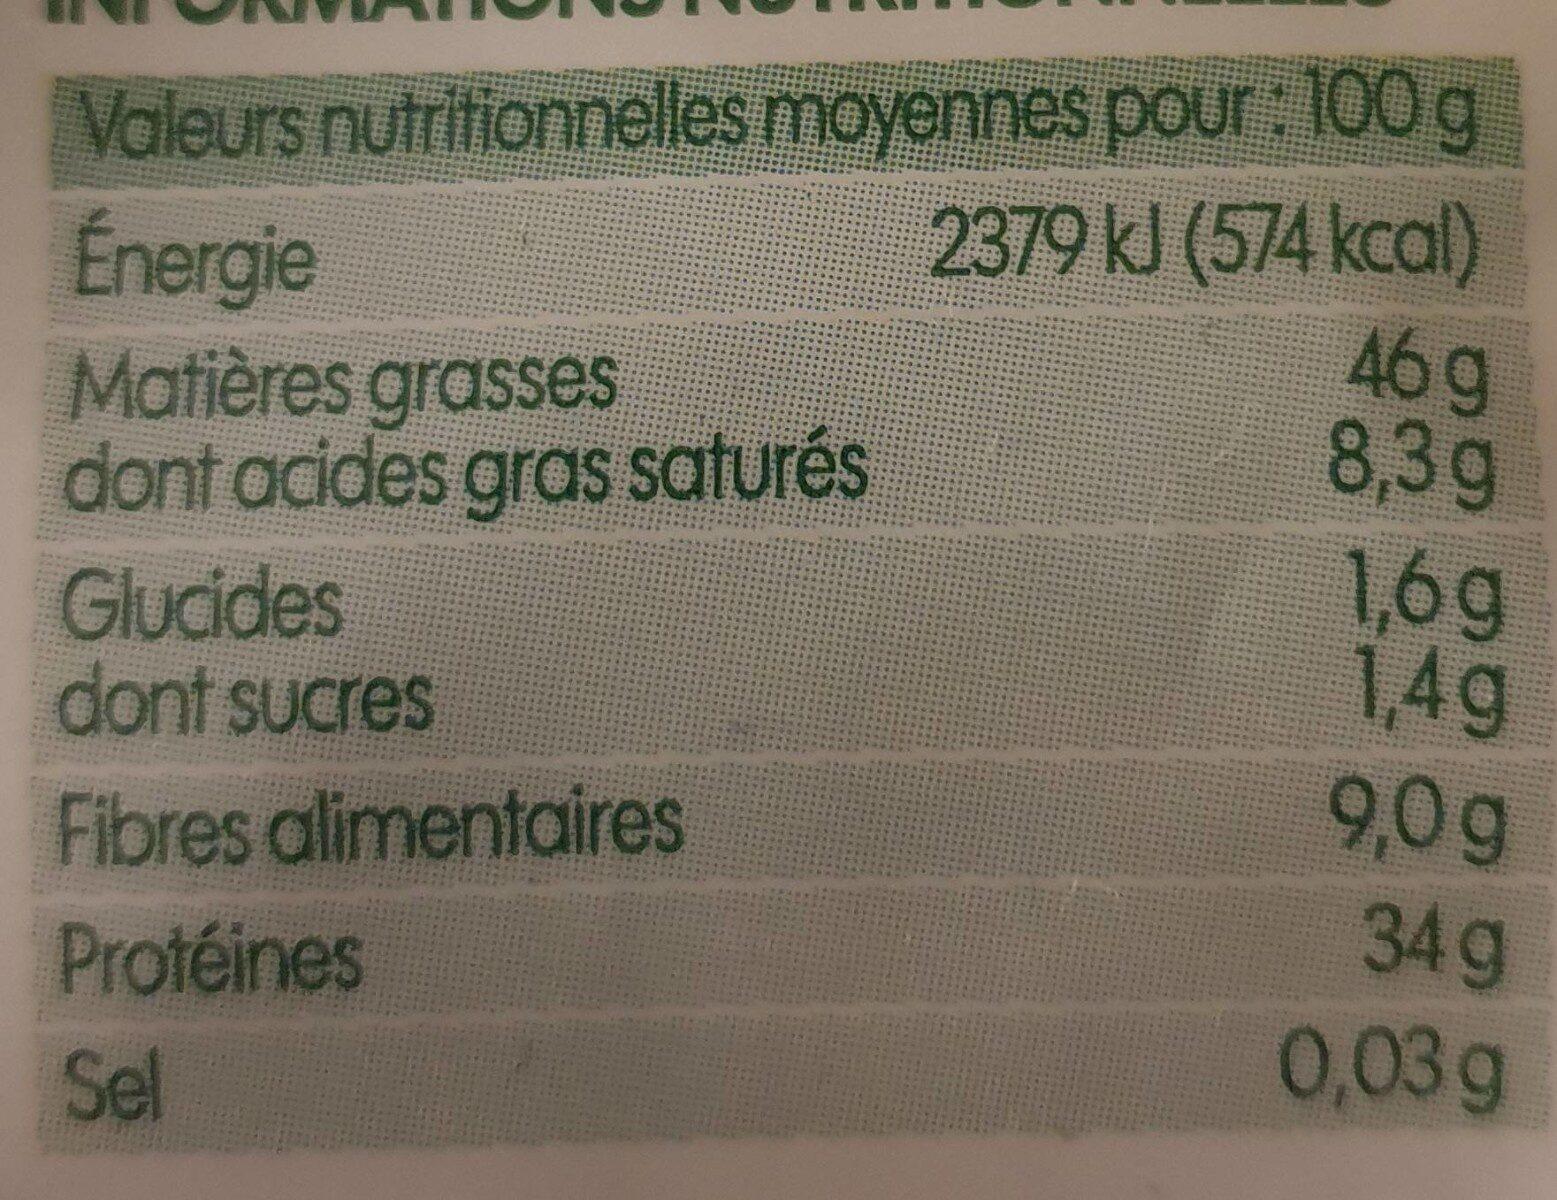 Graines de courge bio - Nutrition facts - fr